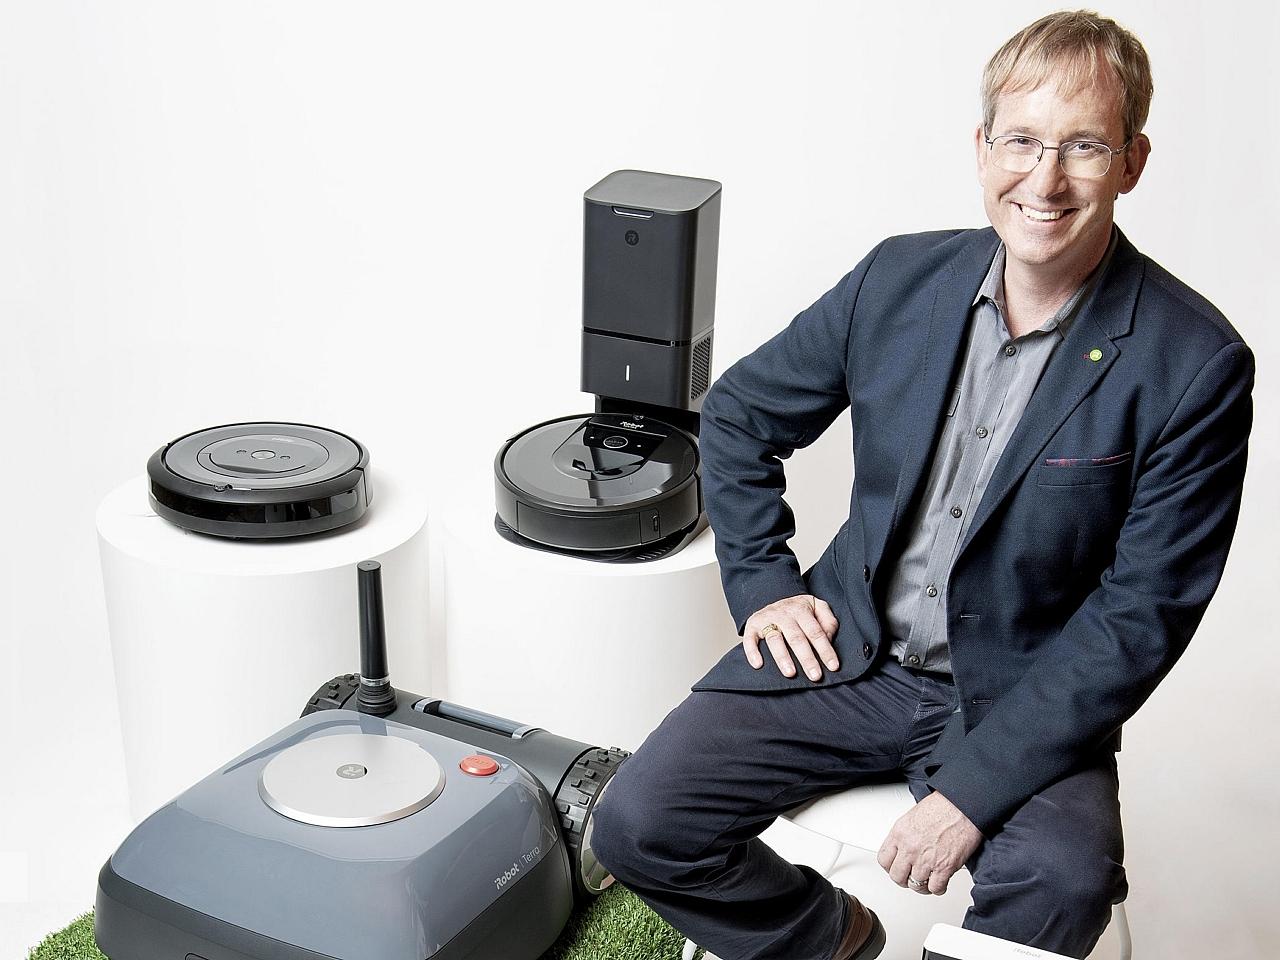 次世代スマートホームロボット実現へ、iRobotのアプローチ(前編)--クラウドなど鍵に